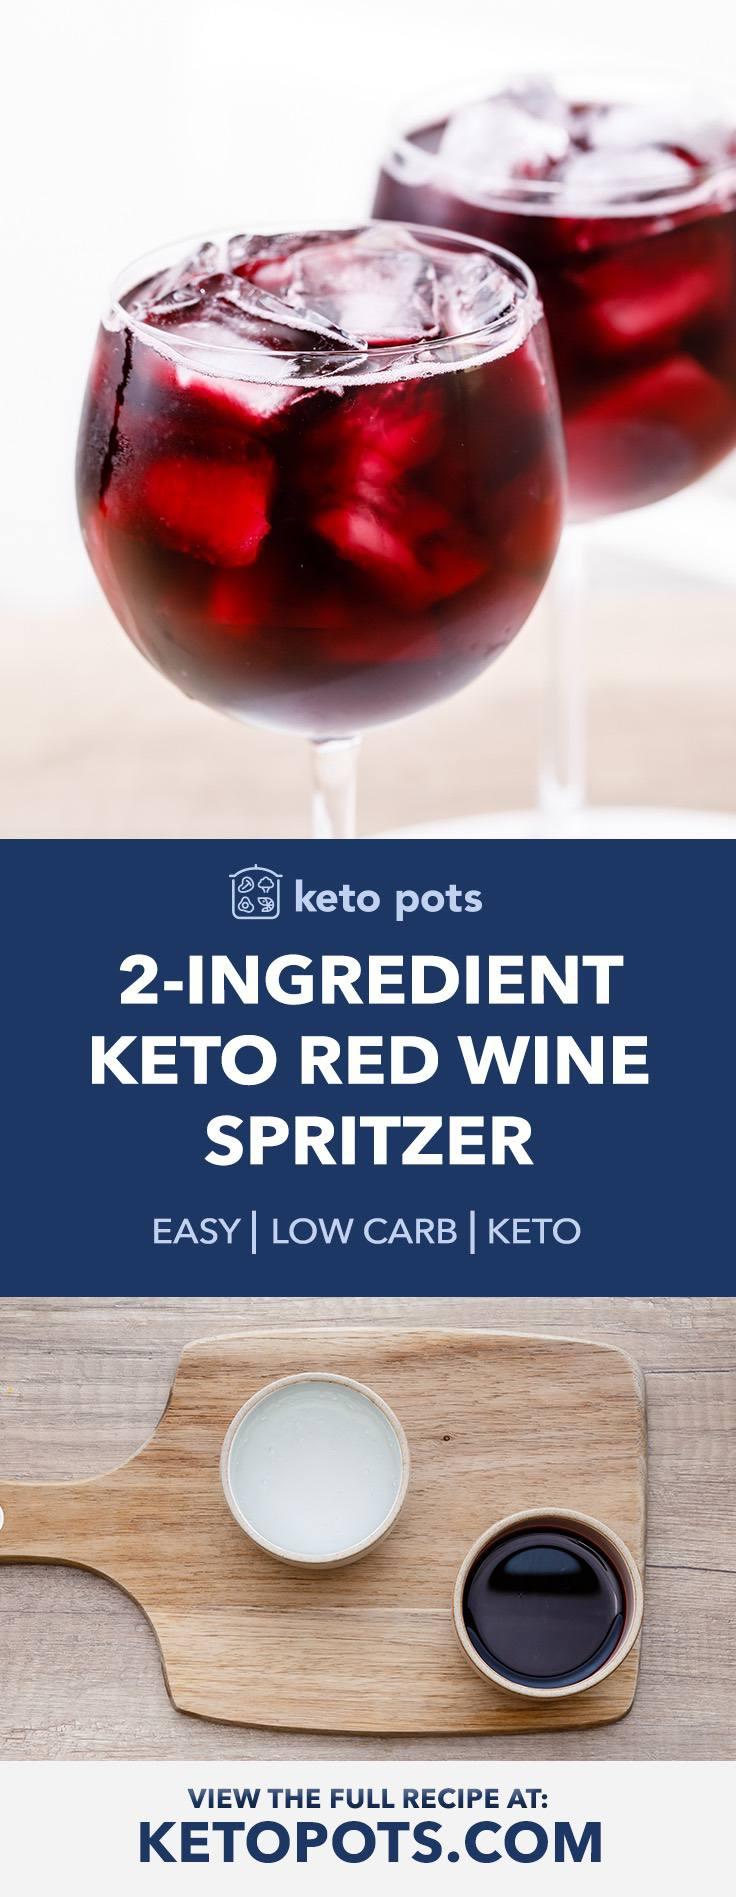 2-Ingredient Keto Red Wine Spritzer